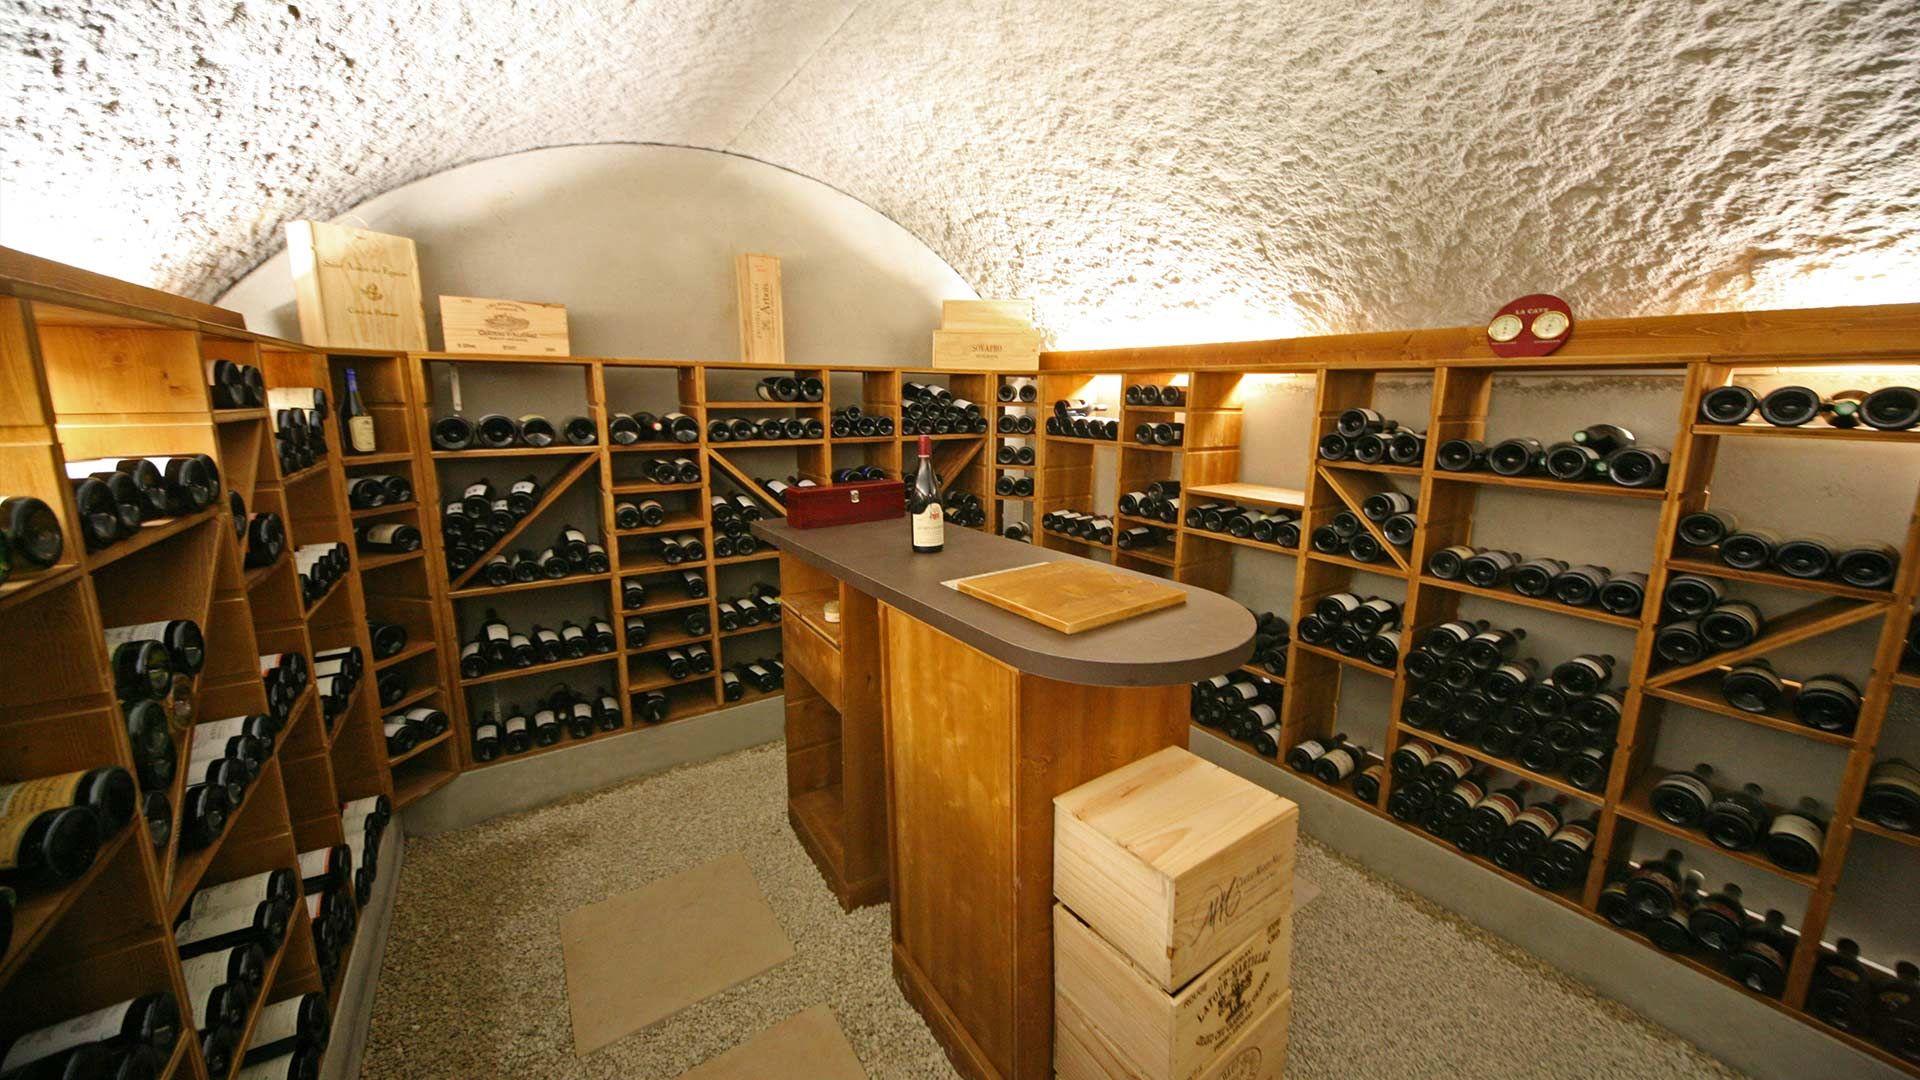 Amenagement Bois D Une Cave Voutee Point Cav Equipee D Un Bar Avec Images Mobilier De Salon Cave Cave A Vin